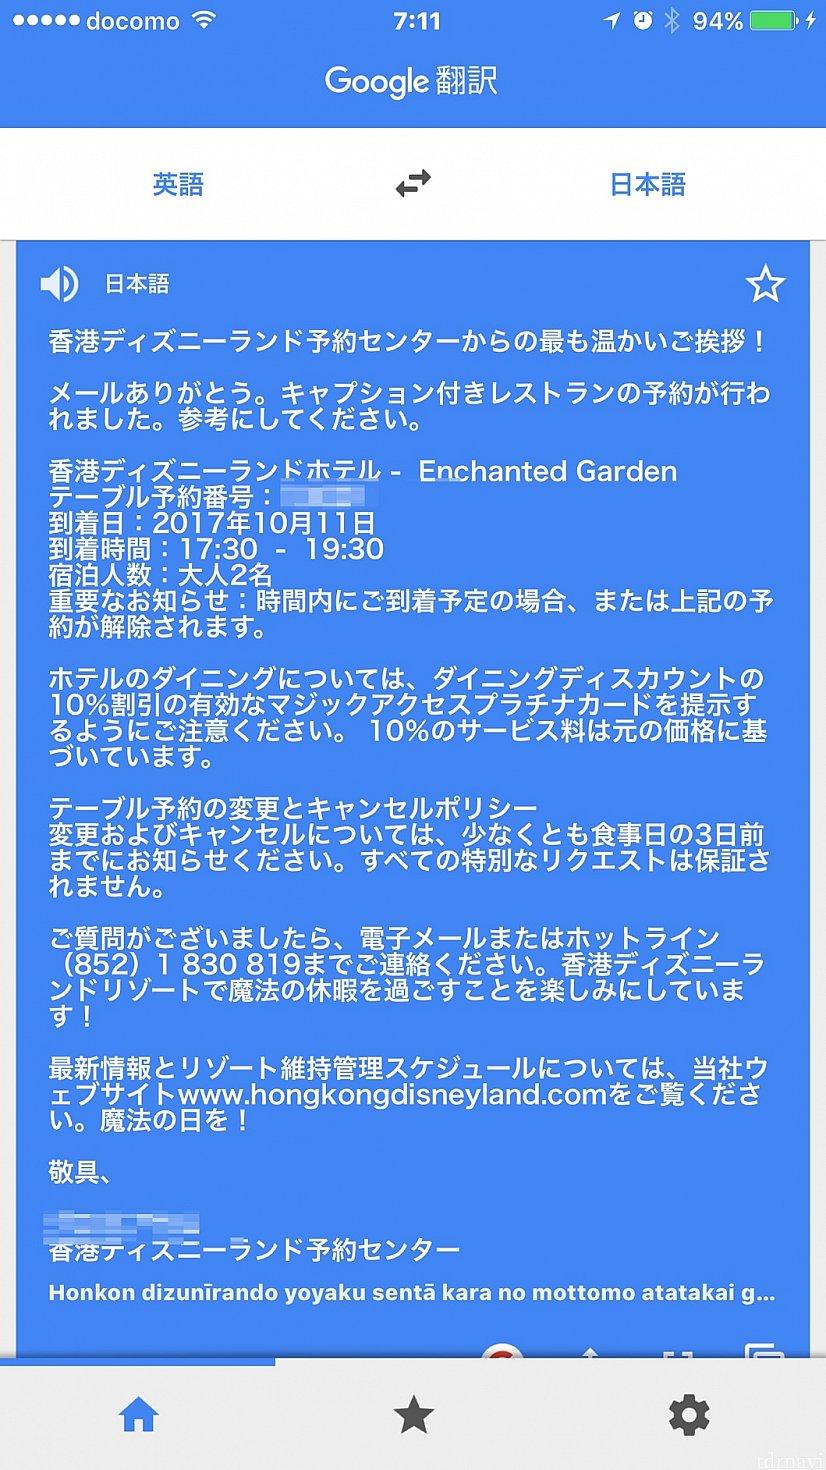 届いたメールを翻訳しましょう。予約が取れていることが確認出来ました。